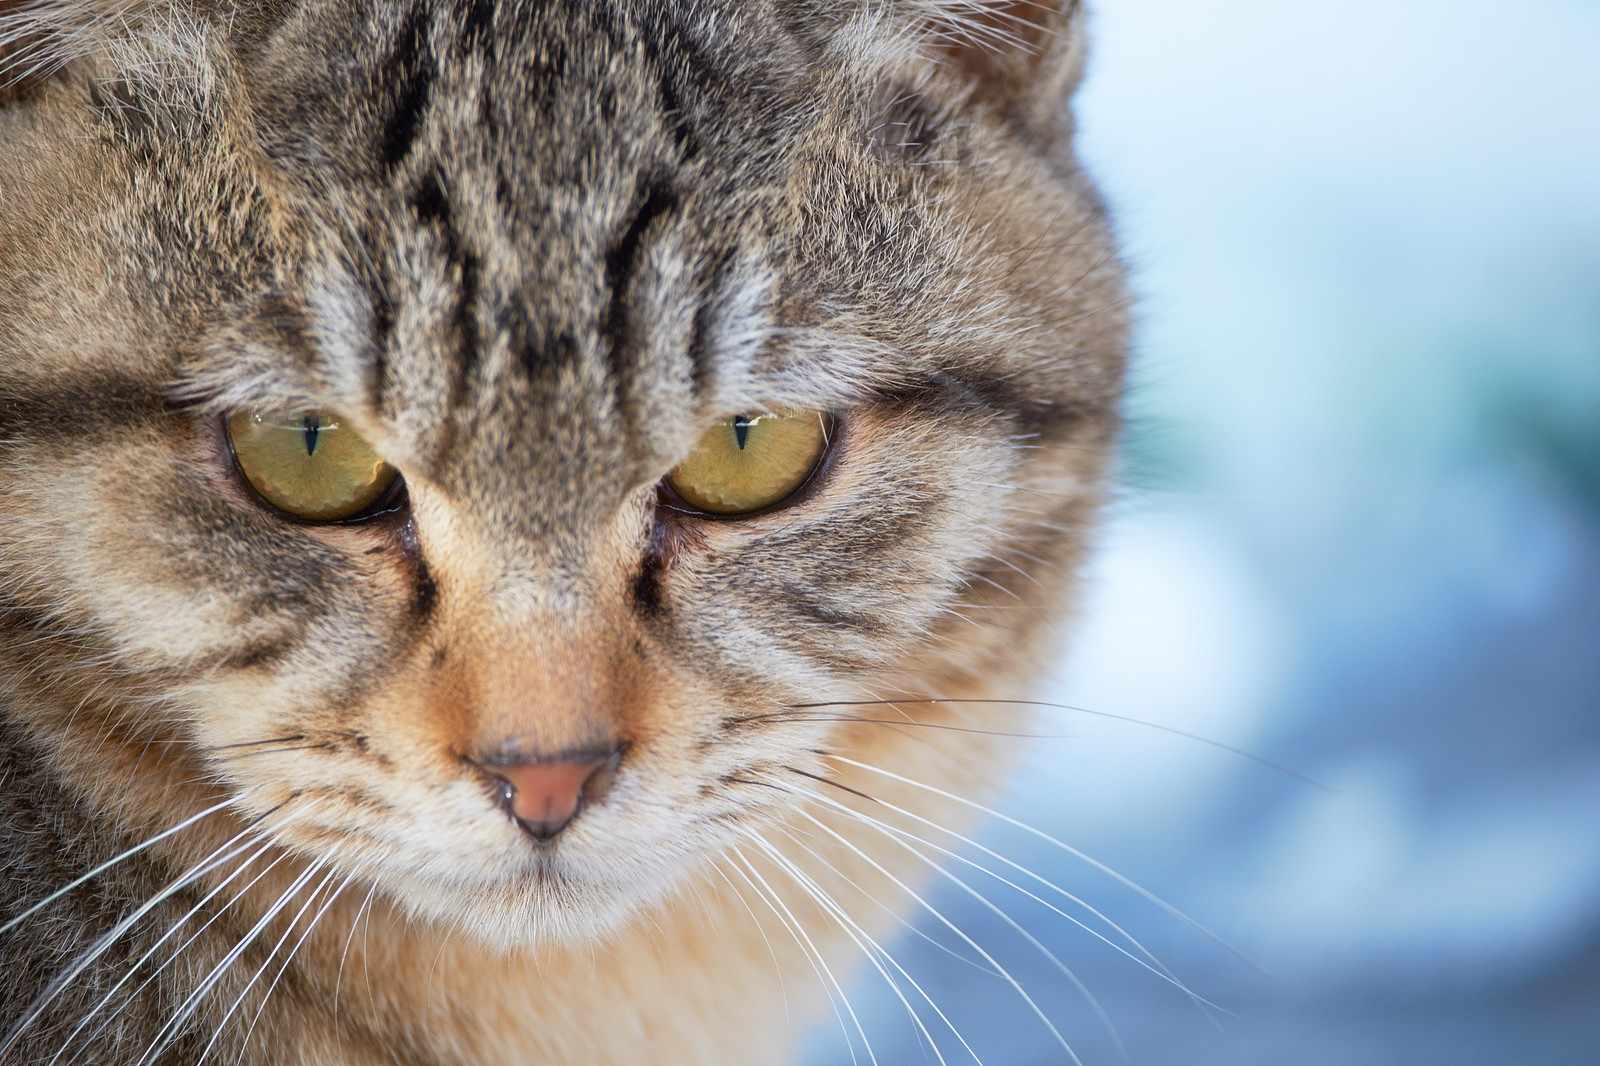 「険しい表情の猫険しい表情の猫」のフリー写真素材を拡大